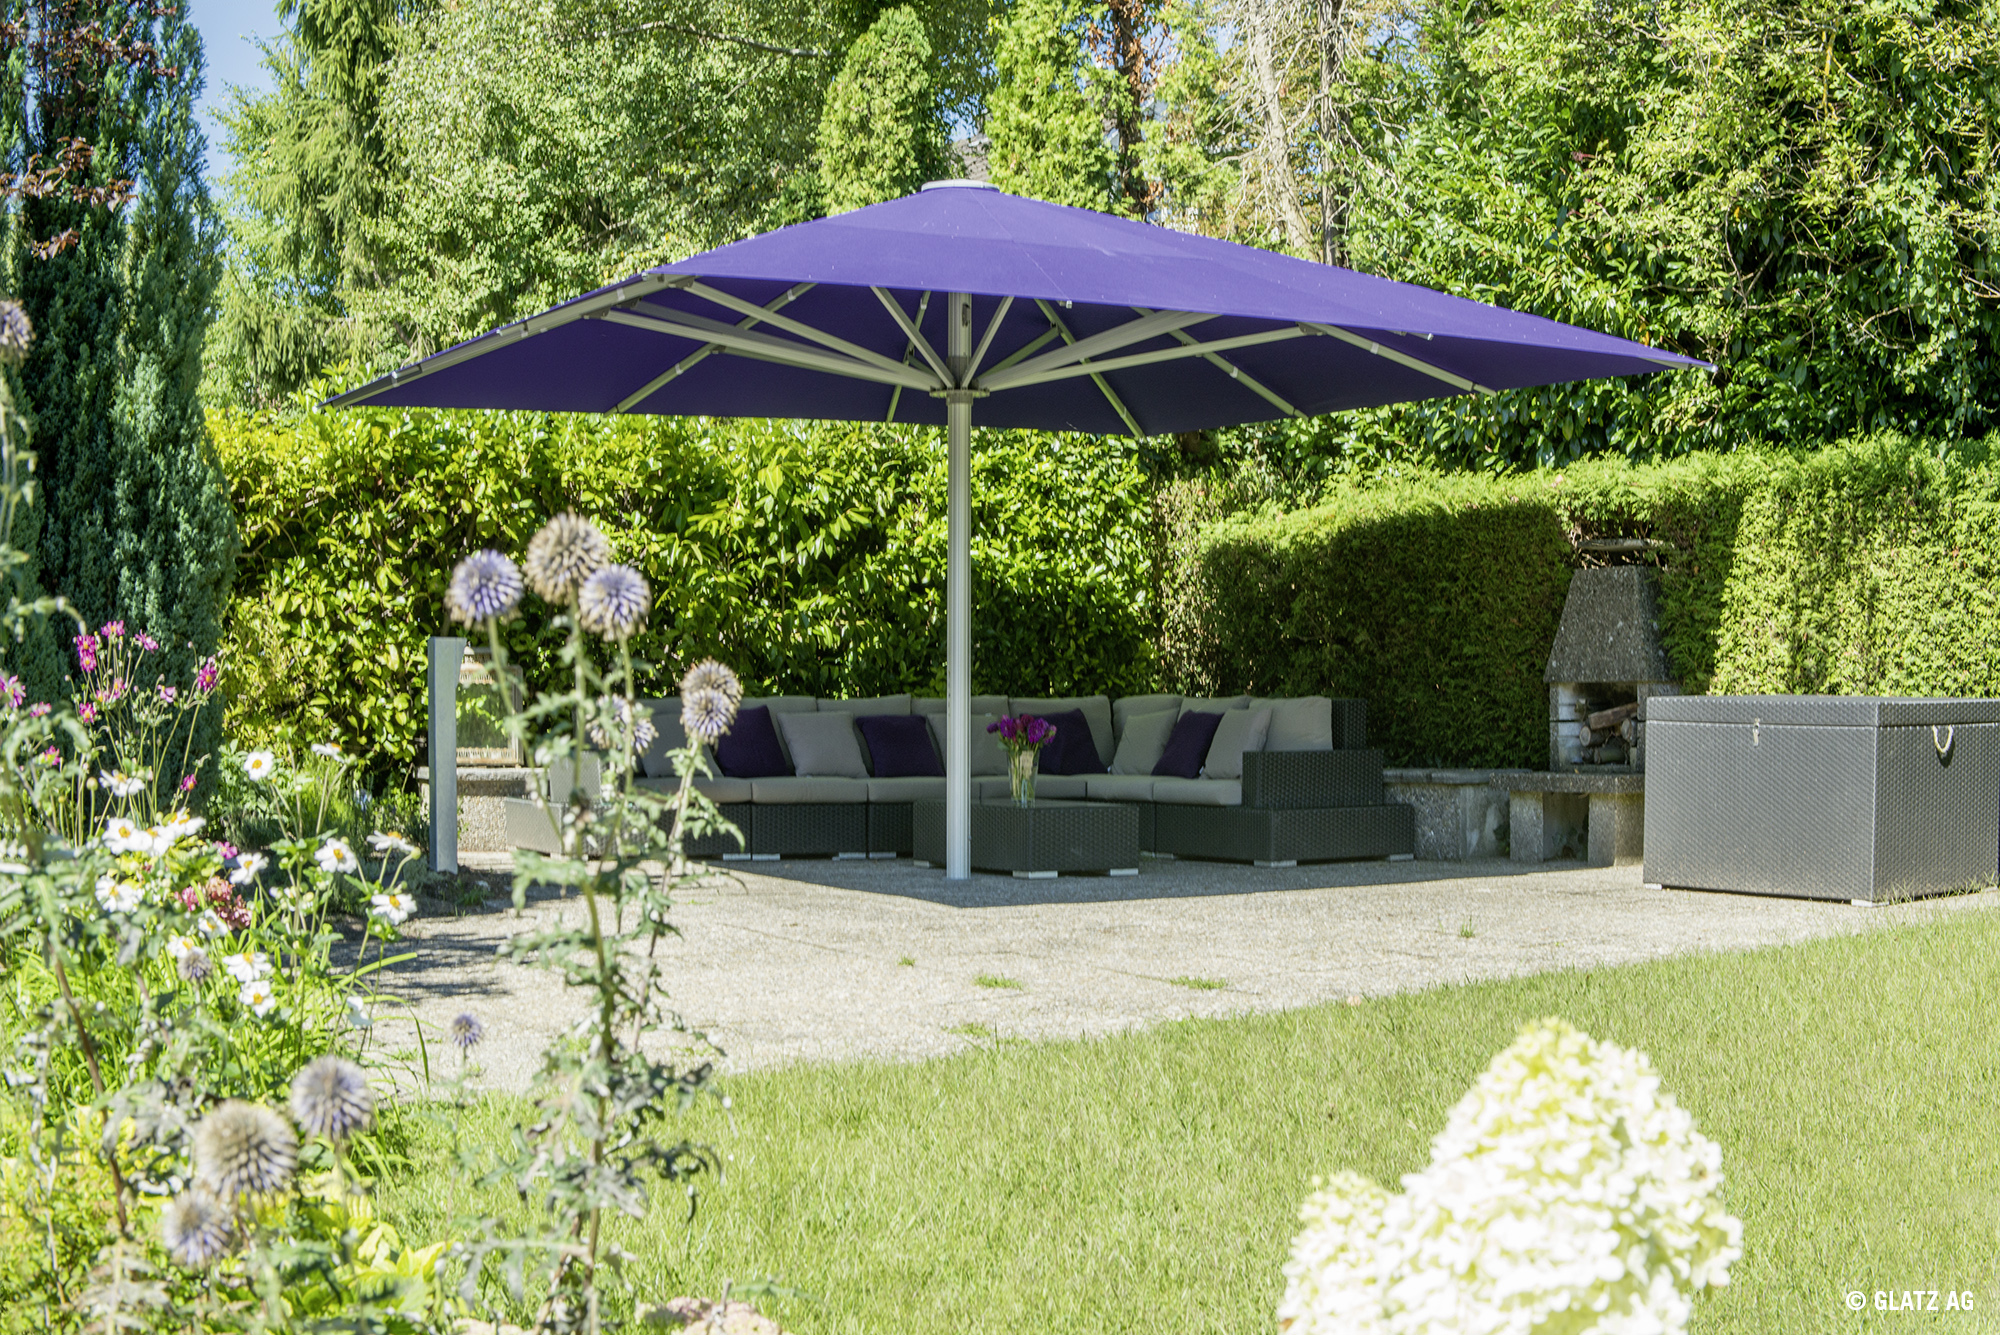 Seriøst Klassisk parasol med uanede anvendelsesmuligheder - Moogio.dk NV79